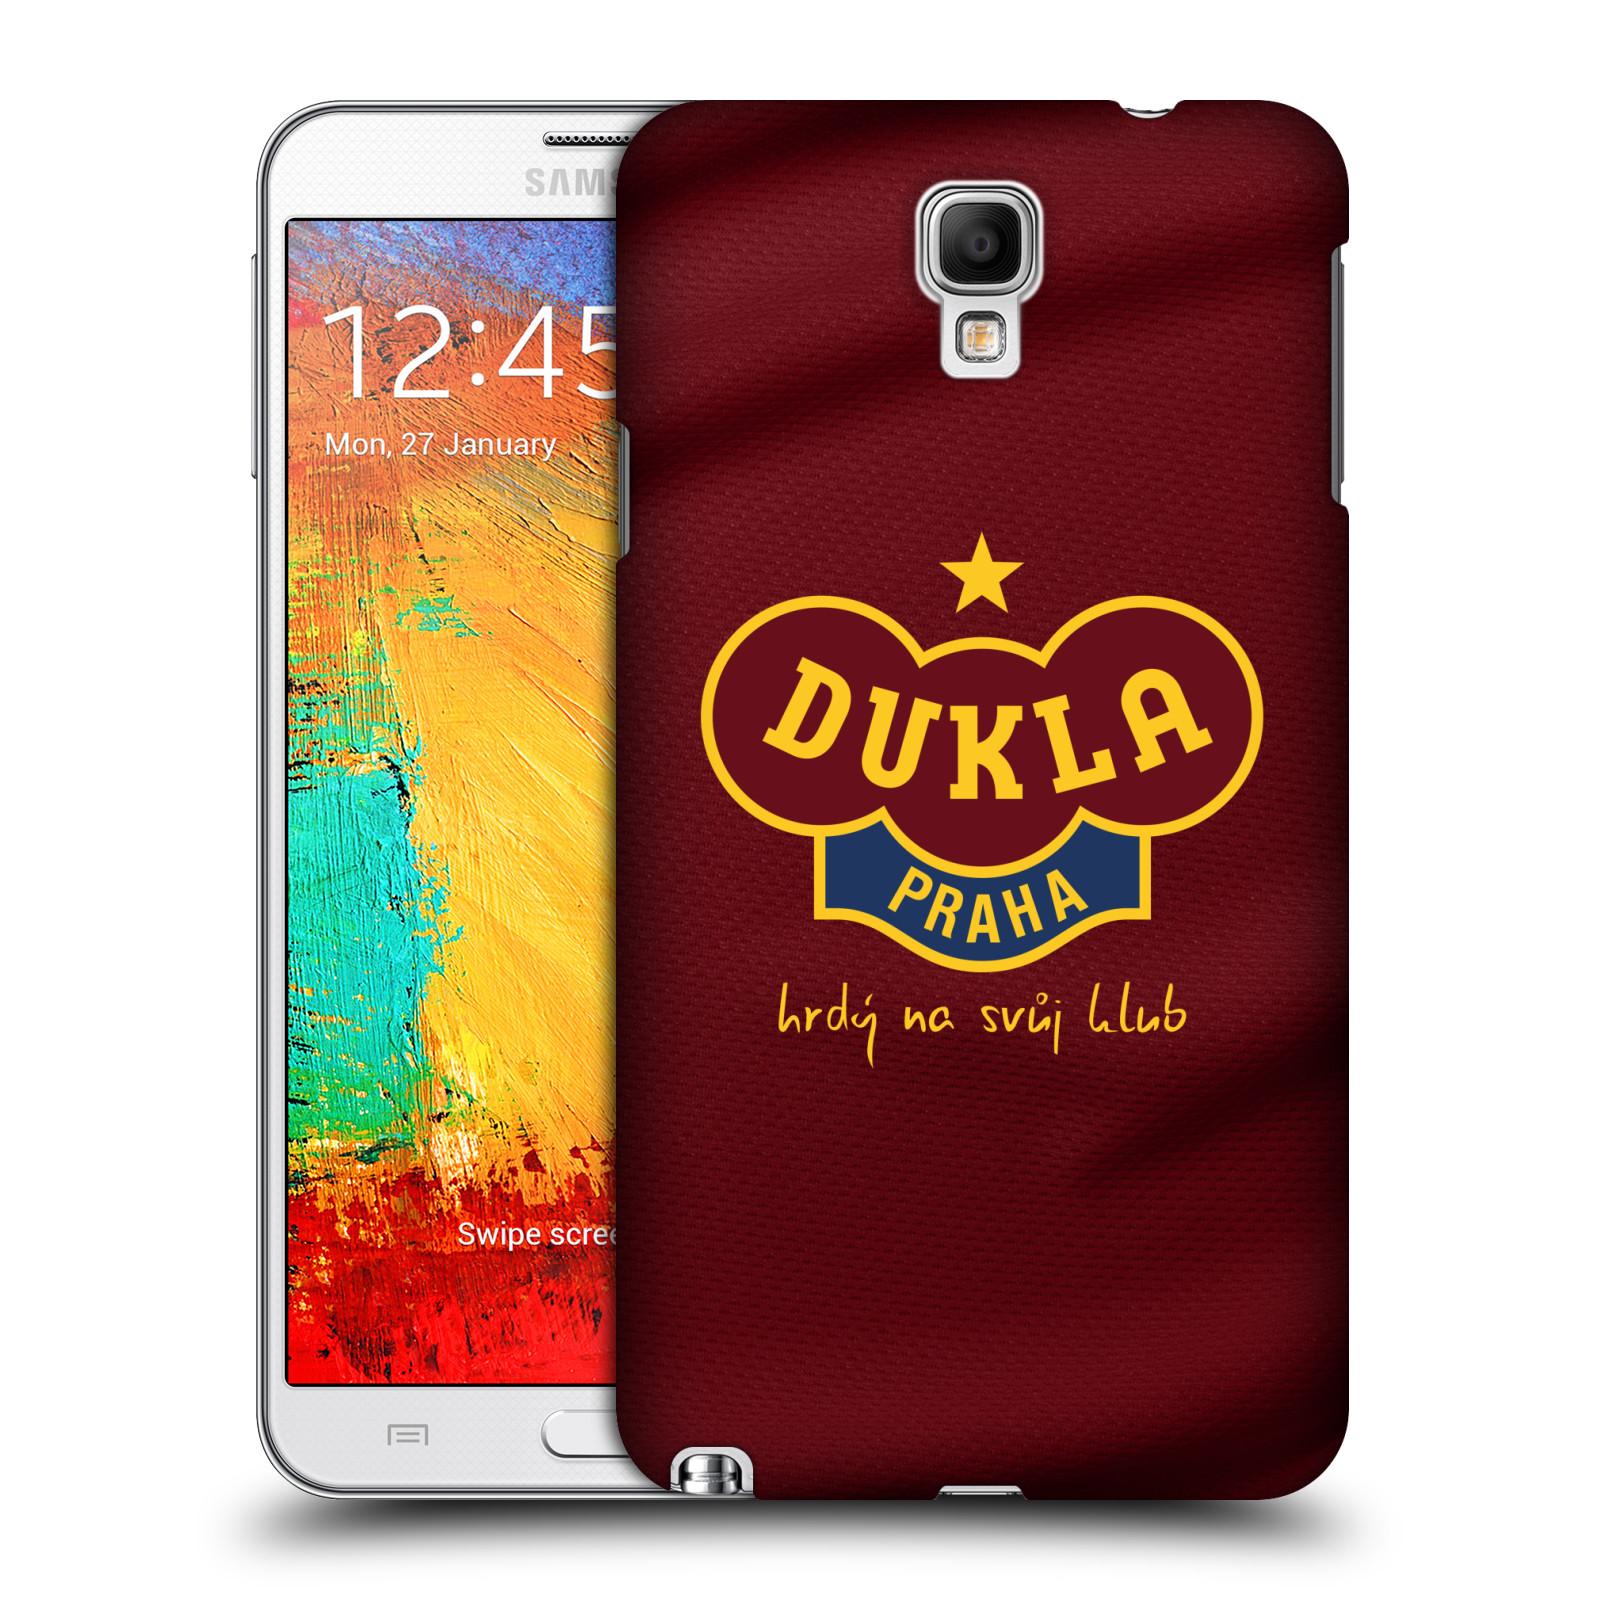 Plastové pouzdro na mobil Samsung Galaxy Note 3 Neo - FK Dukla Praha - Vínově červený dres